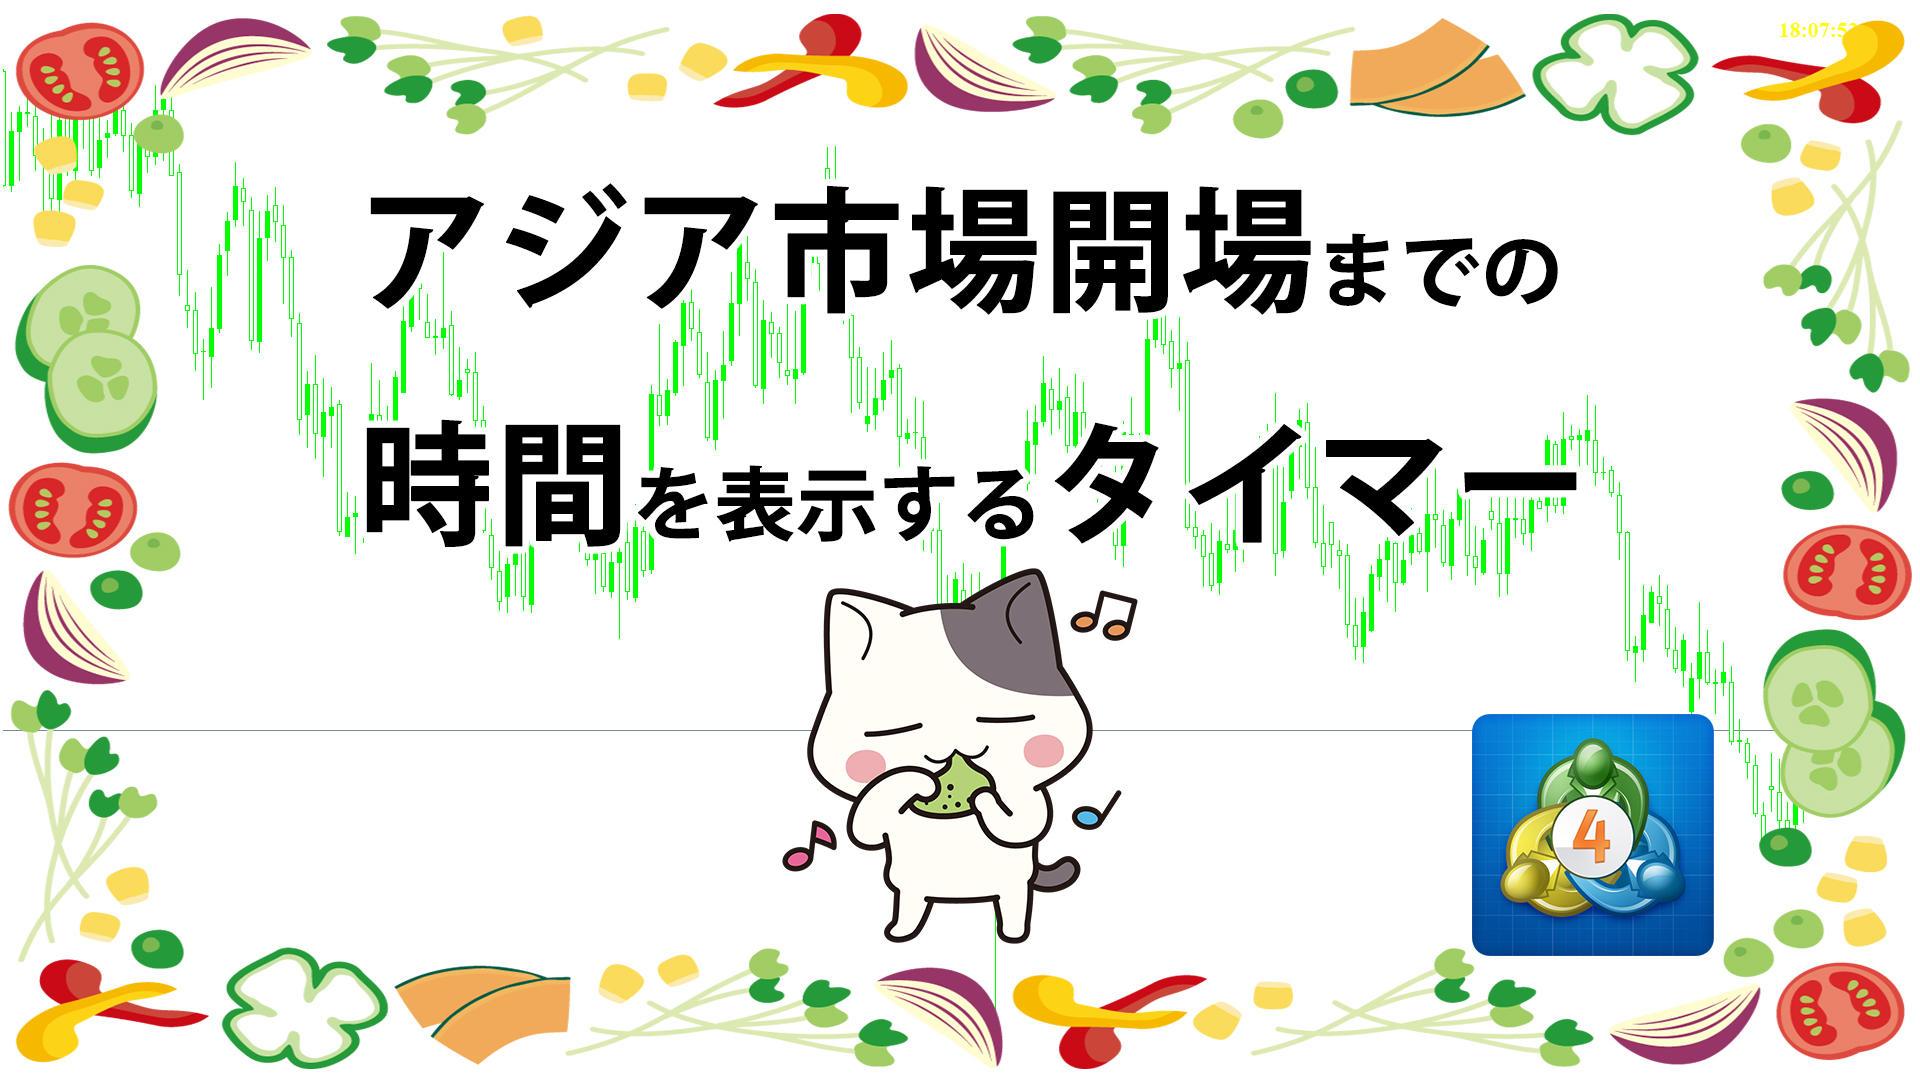 アジア市場開場までの時間をタイマーで表示するMT4インジケーター「xzl_countdown_timer」